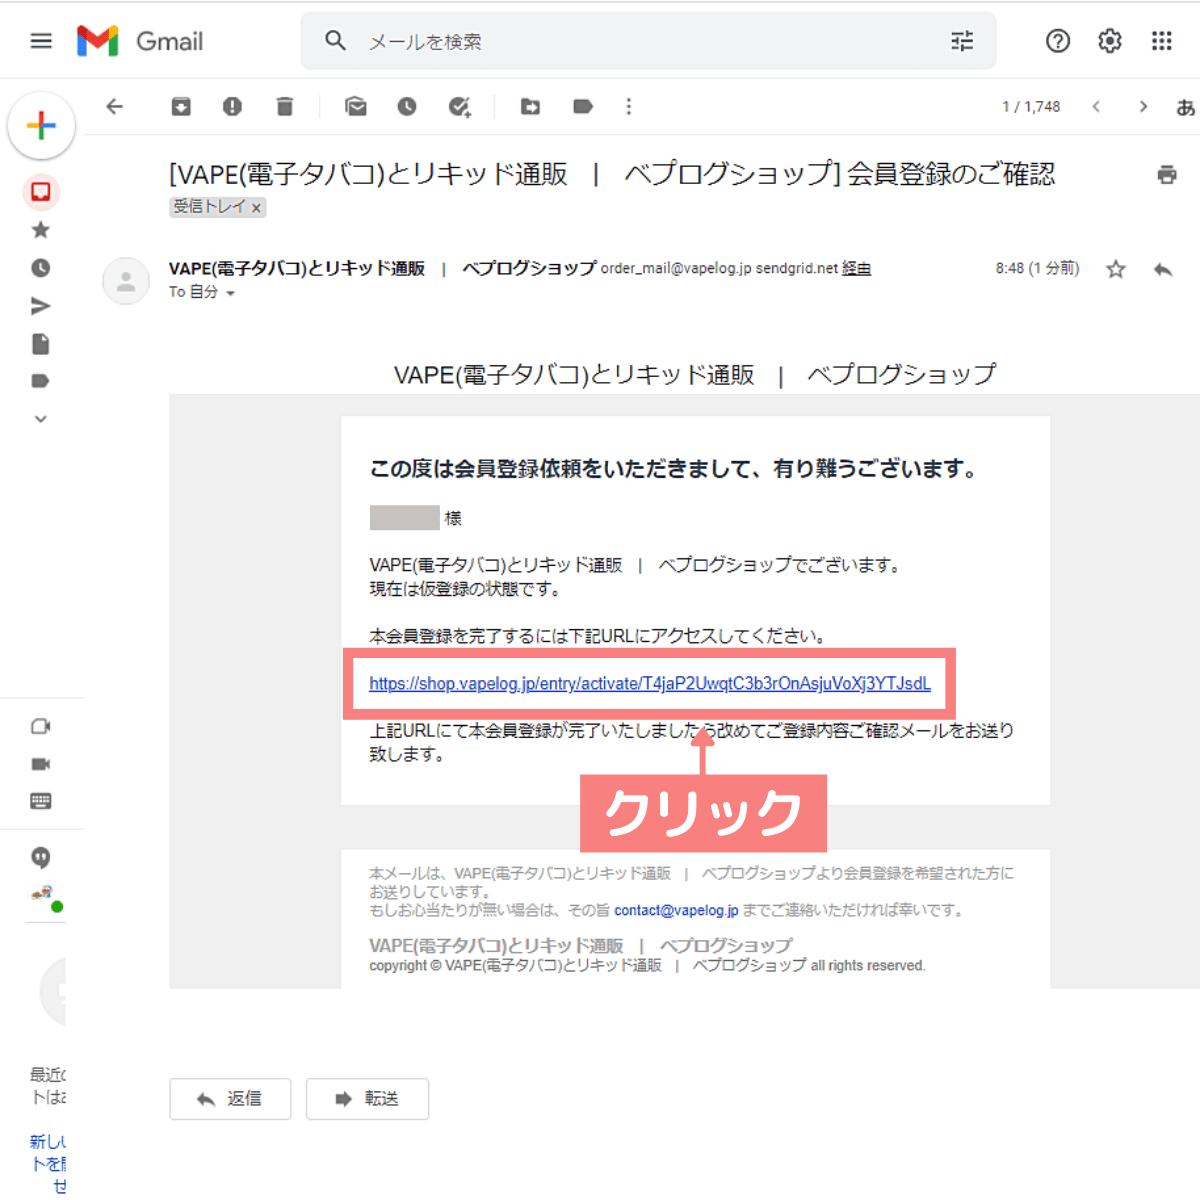 メールのURLをクリックして本登録する